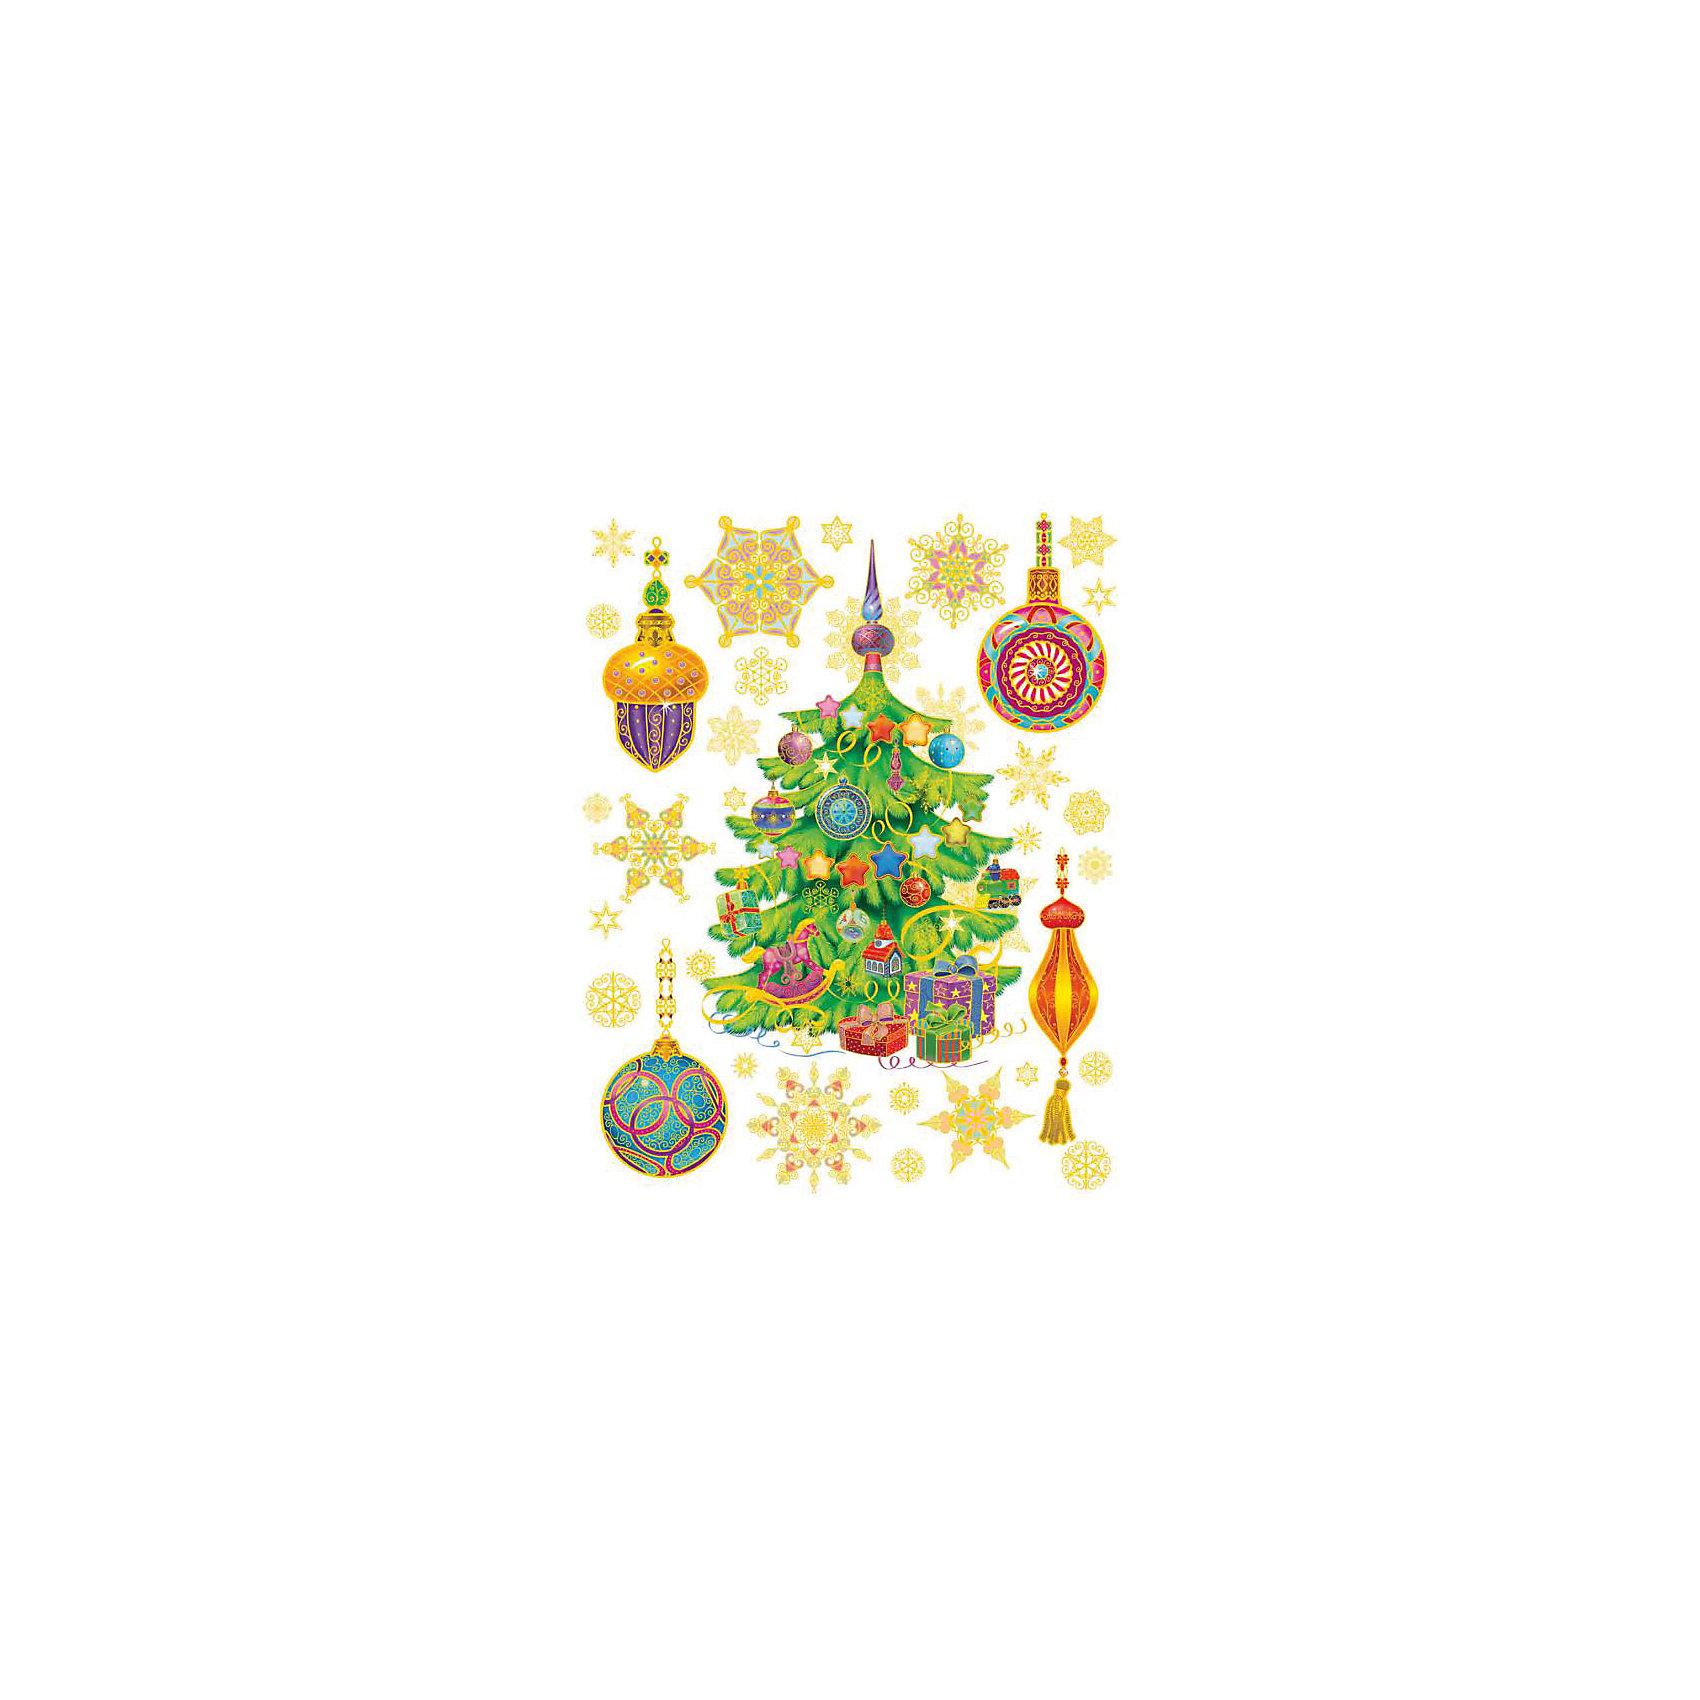 Украшение на окно Ёлка и игрушки 30*38 смНовинки Новый Год<br>Украшение на окно Ёлка и игрушки, Феникс-Презент, замечательно украсит Ваш интерьер и создаст праздничное новогоднее настроение. В комплекте несколько красочных наклеек с изображениями украшенной елки, елочных игрушек и нарядных снежинок. Рисунки декорированы<br>глиттером и золотистыми блестками, прочно крепятся к стеклу с помощью прозрачной клейкой пленки, на которую нанесены изображения. Не оставляют следов на поверхности.<br><br><br>Дополнительная информация:<br><br>- Материал: ПВХ пленка.<br>- Размер листа с наклейками: 30 х 38 см.<br>- Размер упаковки: 44 х 30 х 0,5 см.   <br>- Вес: 60 гр. <br><br>Украшение на окно Ёлка и игрушки, Феникс-Презент, можно купить в нашем интернет-магазине.<br><br>Ширина мм: 320<br>Глубина мм: 420<br>Высота мм: 1<br>Вес г: 100<br>Возраст от месяцев: 36<br>Возраст до месяцев: 2147483647<br>Пол: Унисекс<br>Возраст: Детский<br>SKU: 4274697